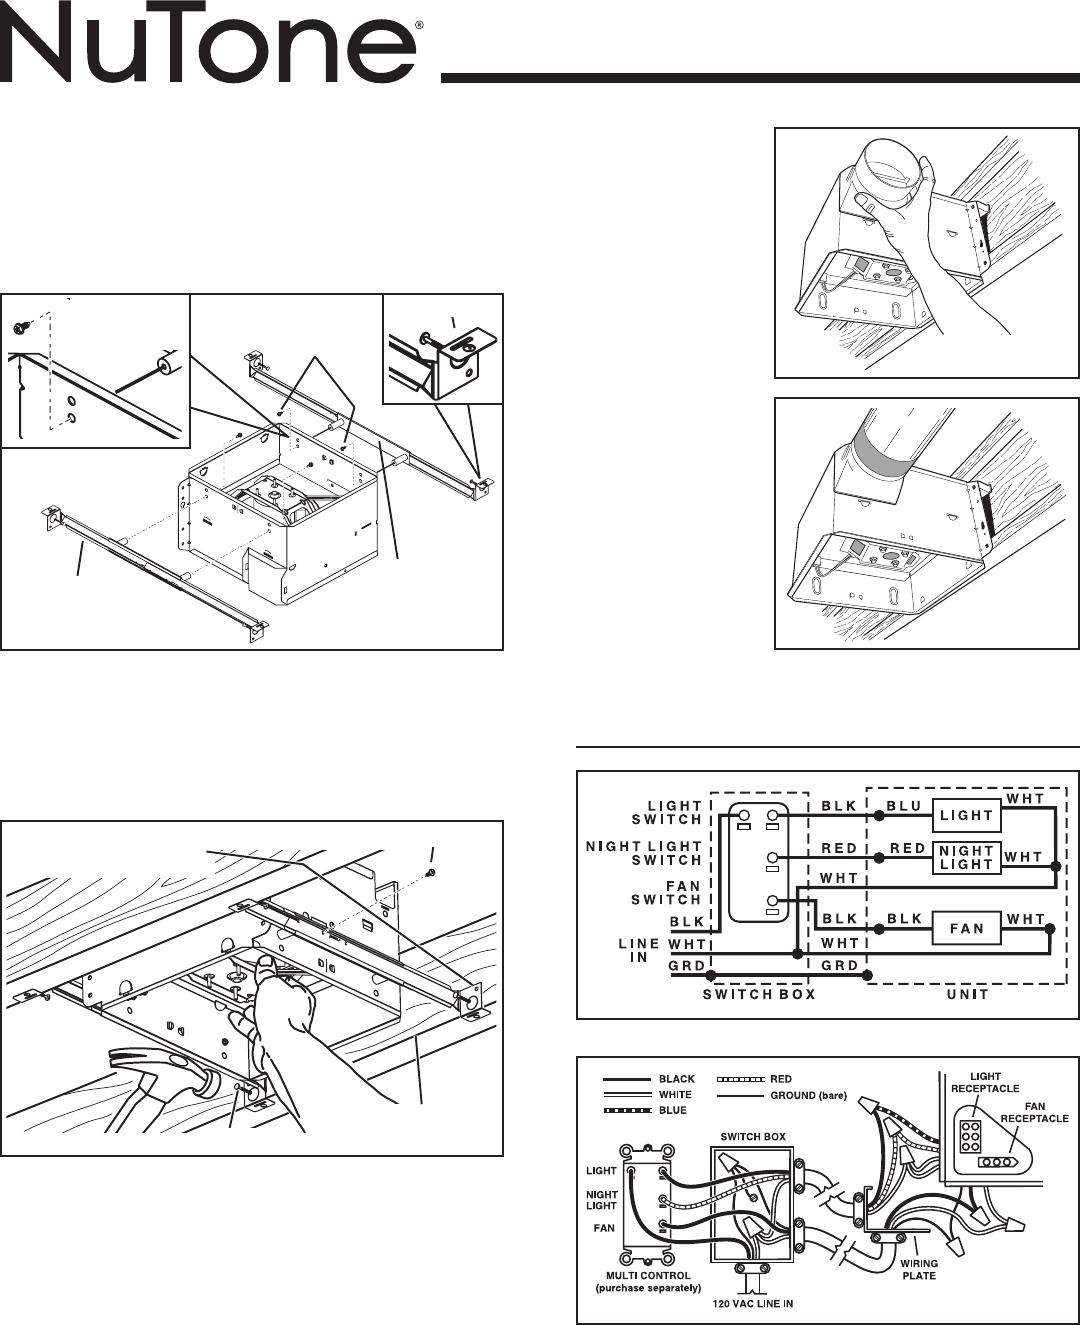 d088f769 6b42 410f 8cc3 74c9d3e100df bg3?resize\=665%2C816 doorbell transformer wiring diagram html heath zenith doorbell heath zenith doorbell wiring diagram at bayanpartner.co